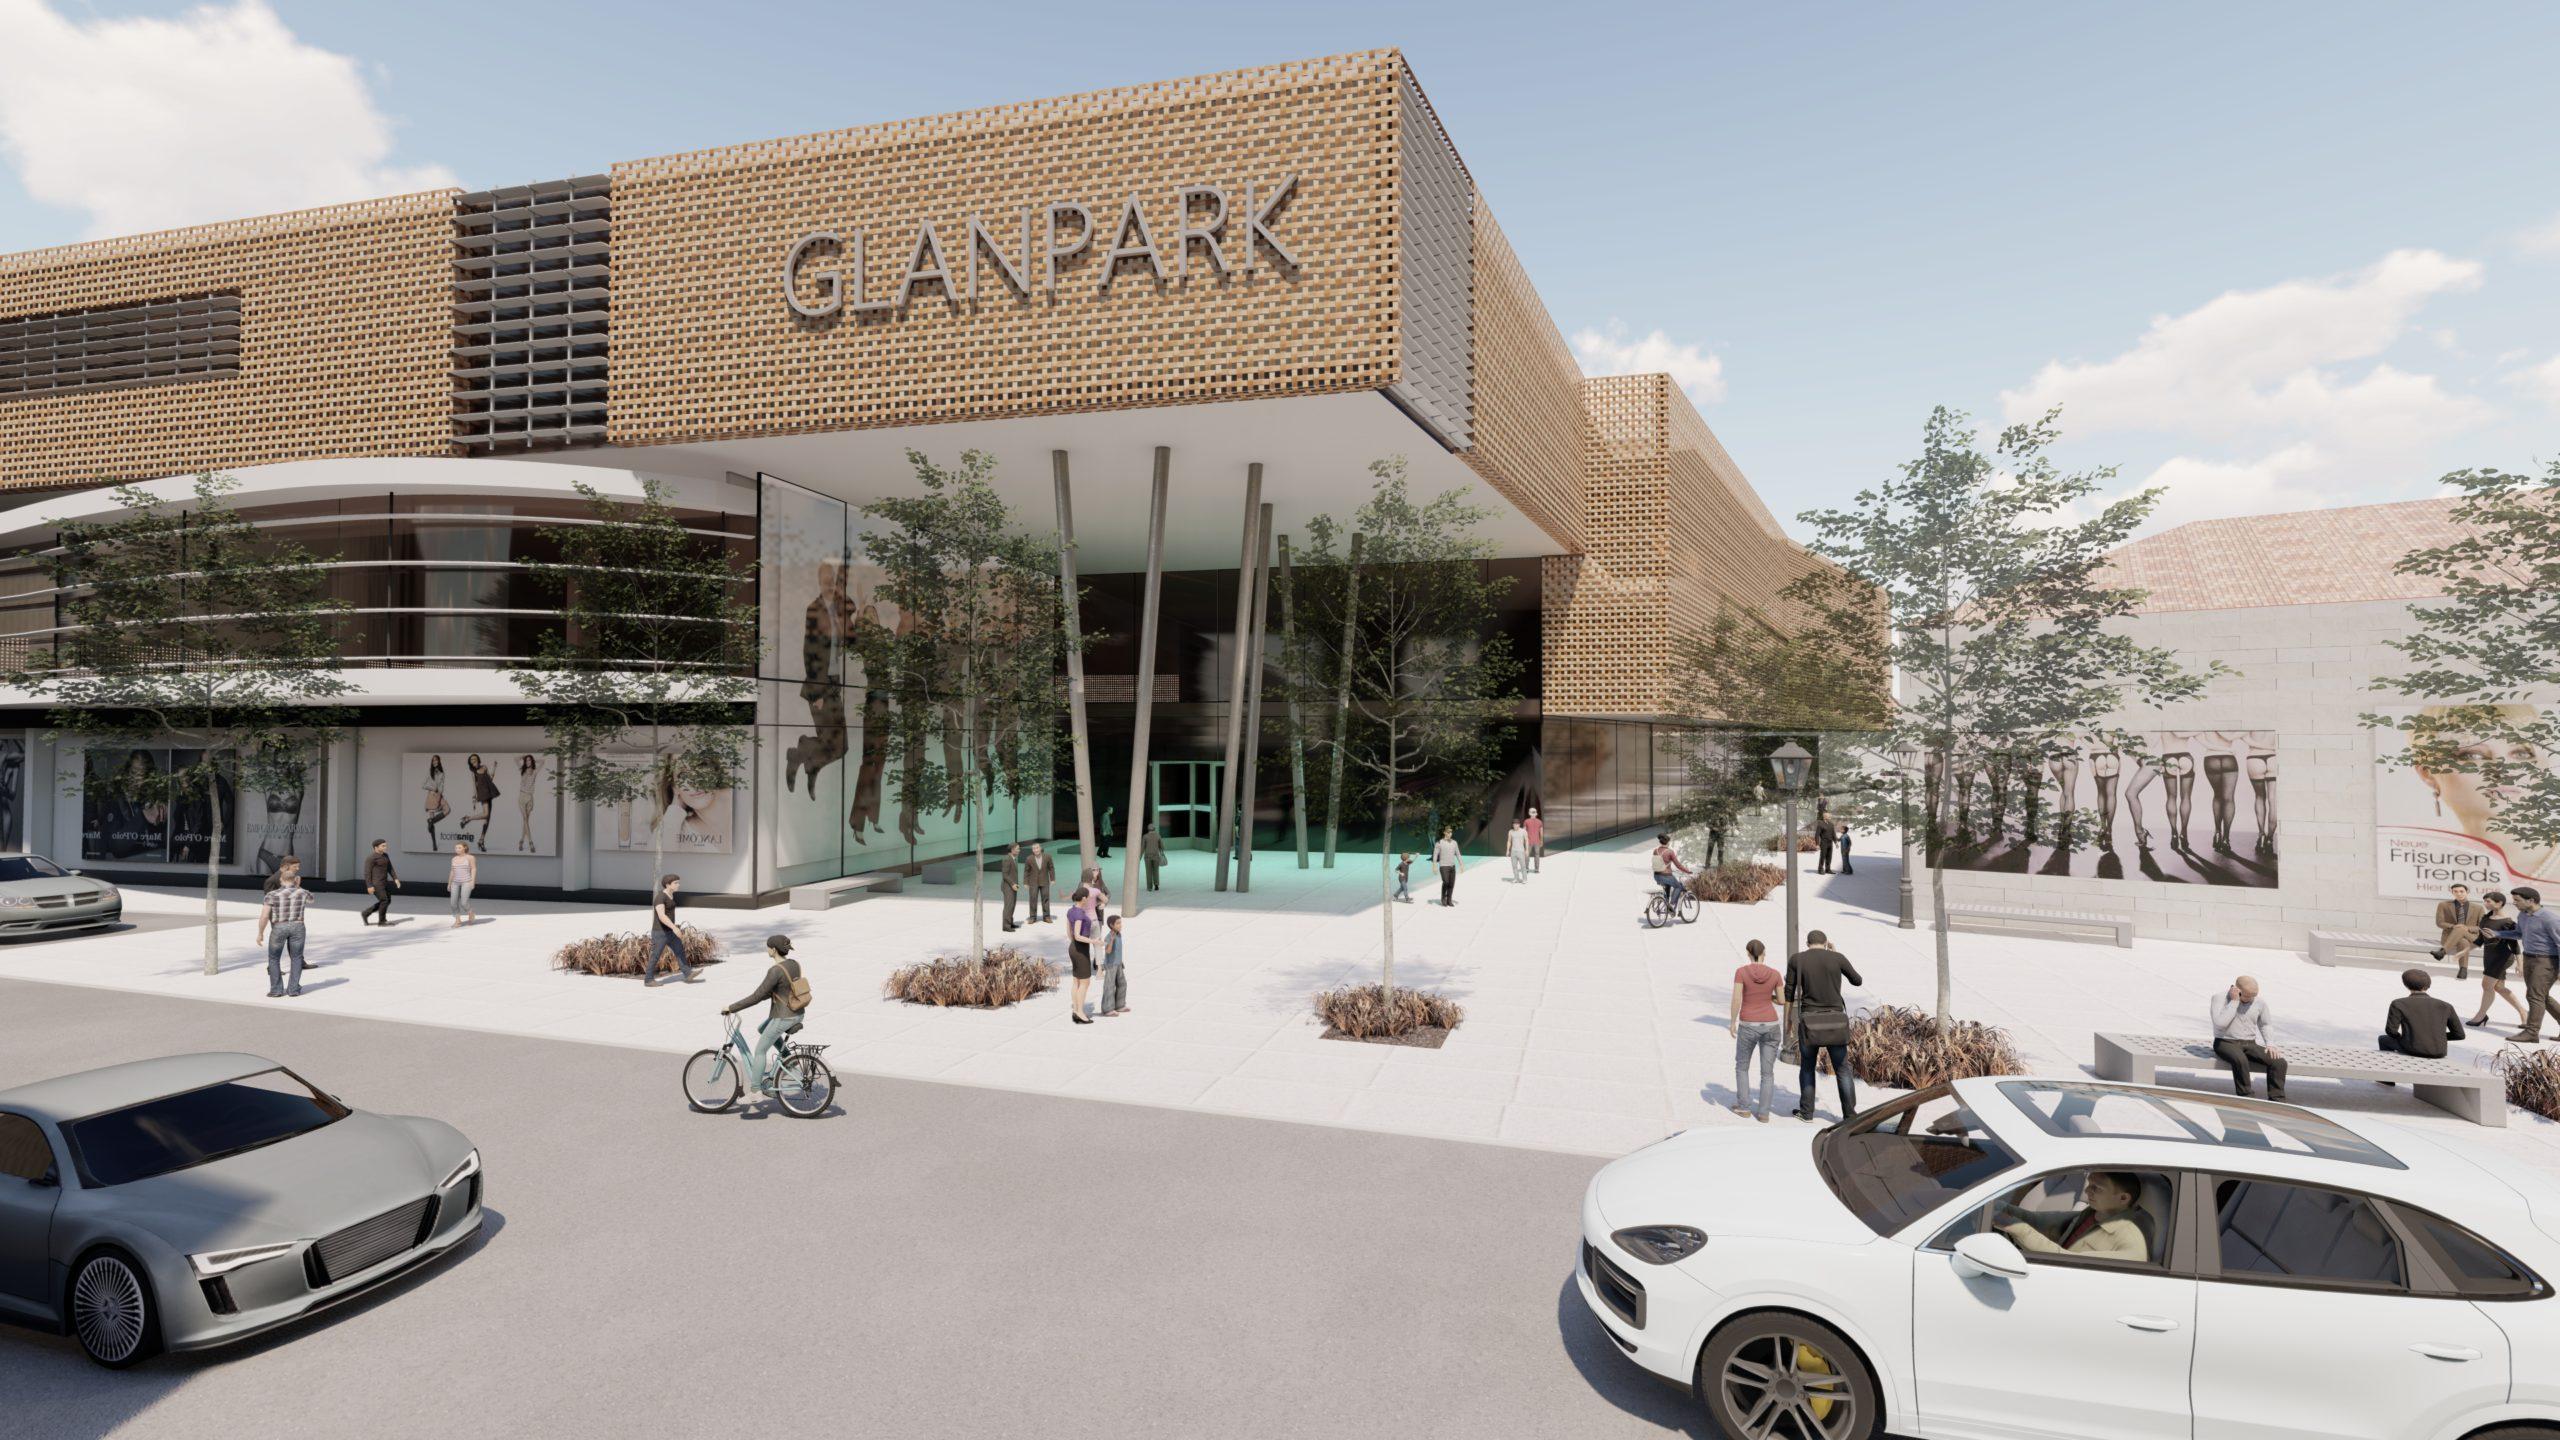 Einkaufszentrum Glanpark Blick von der Staße aus